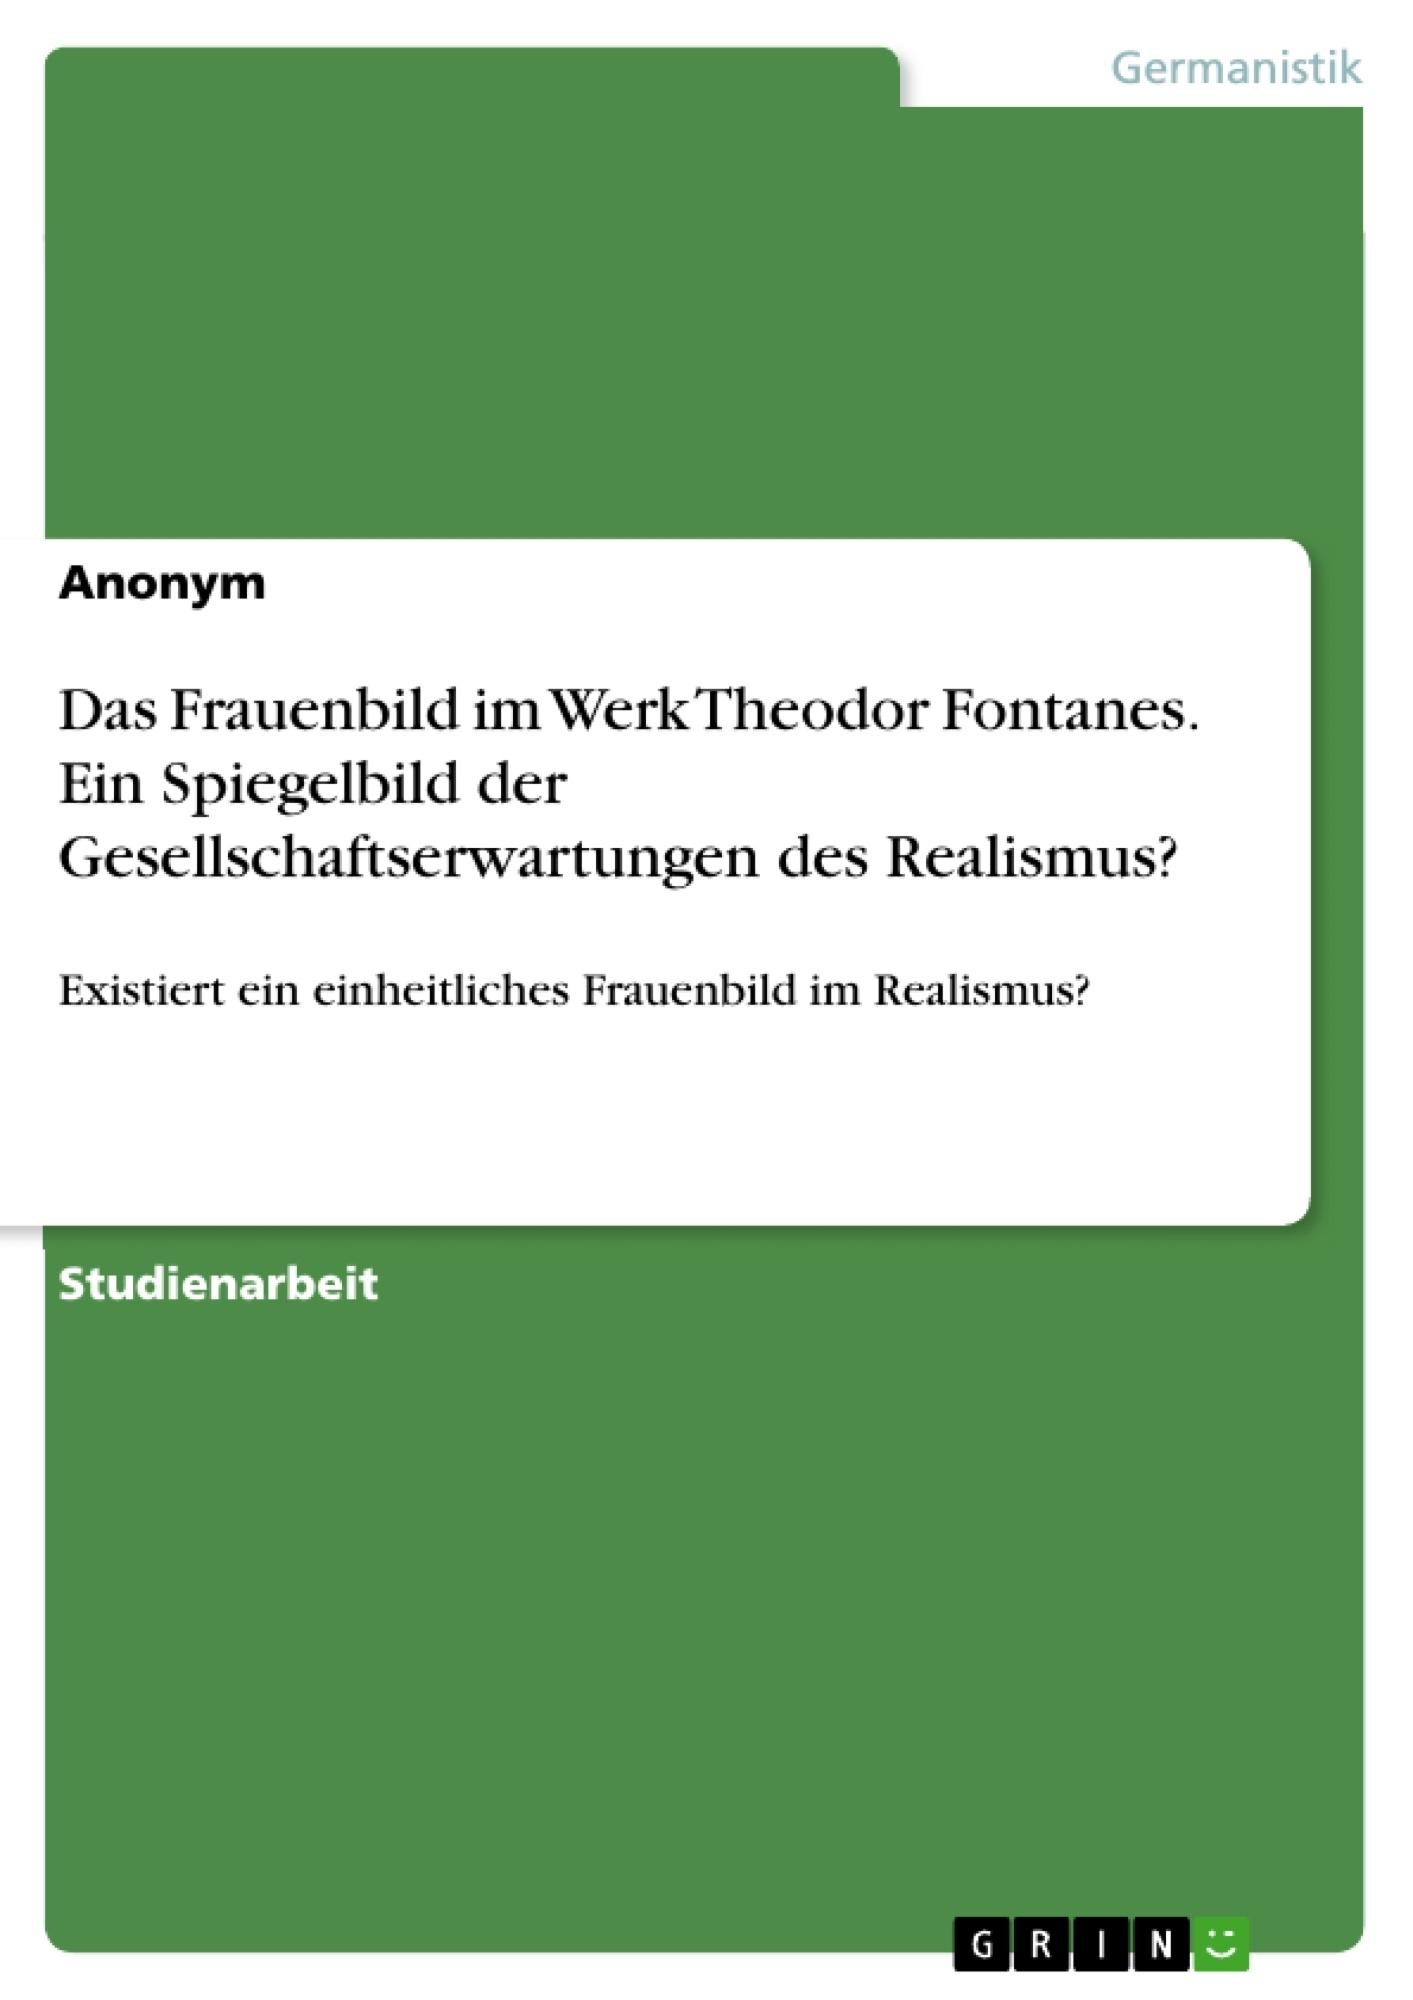 Titel: Das Frauenbild im Werk Theodor Fontanes. Ein Spiegelbild der Gesellschaftserwartungen des Realismus?